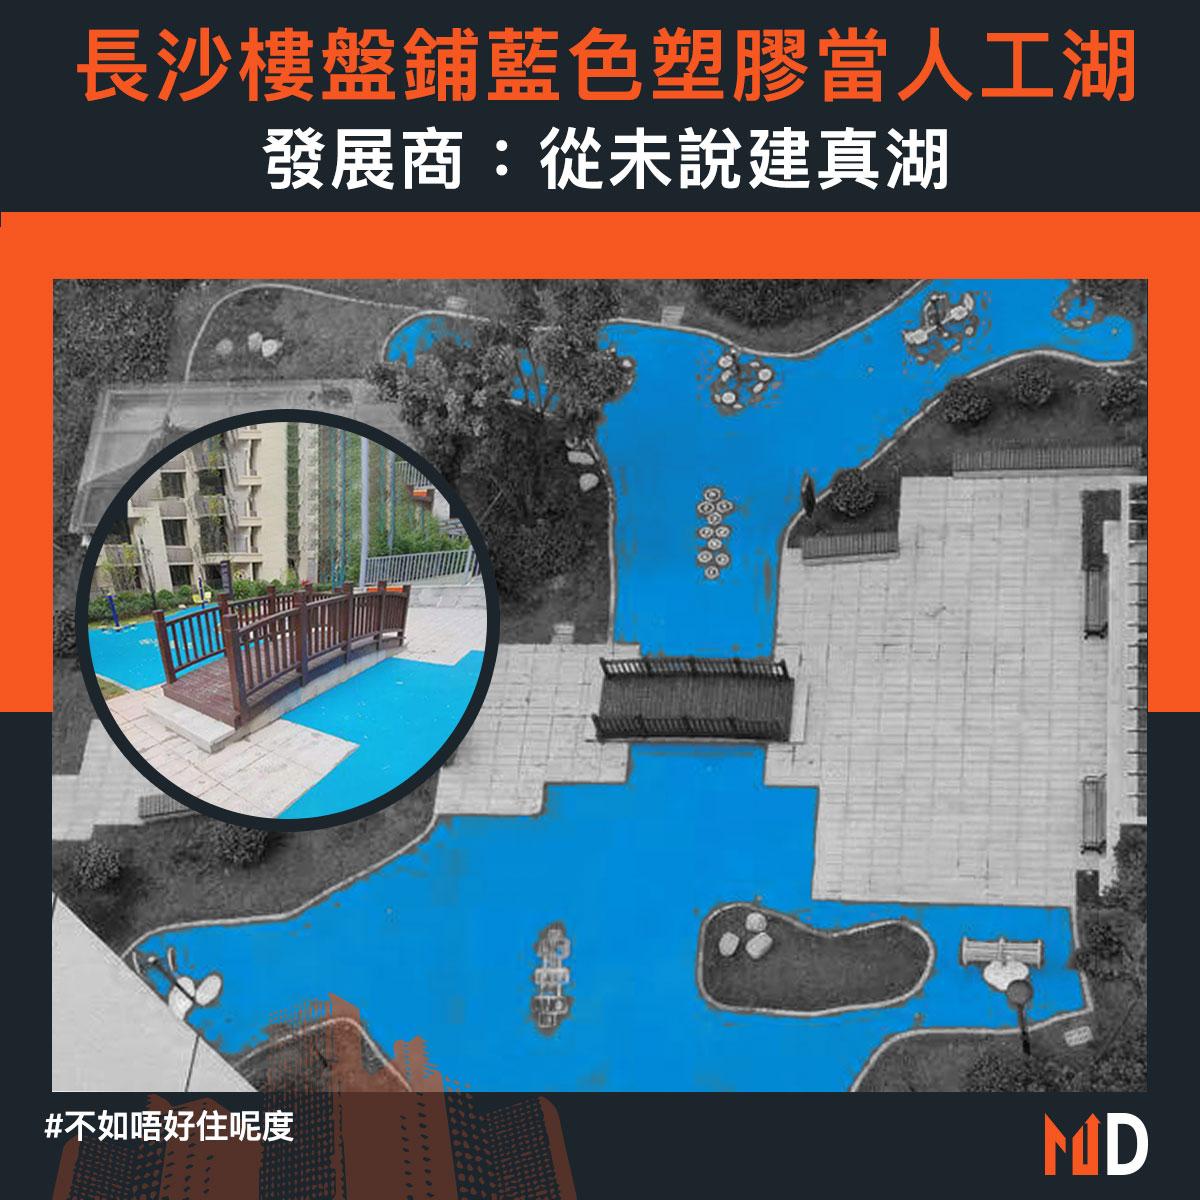 【不如唔好住呢度】長沙樓盤鋪藍色塑膠當人工湖 發展商:從未說建真湖